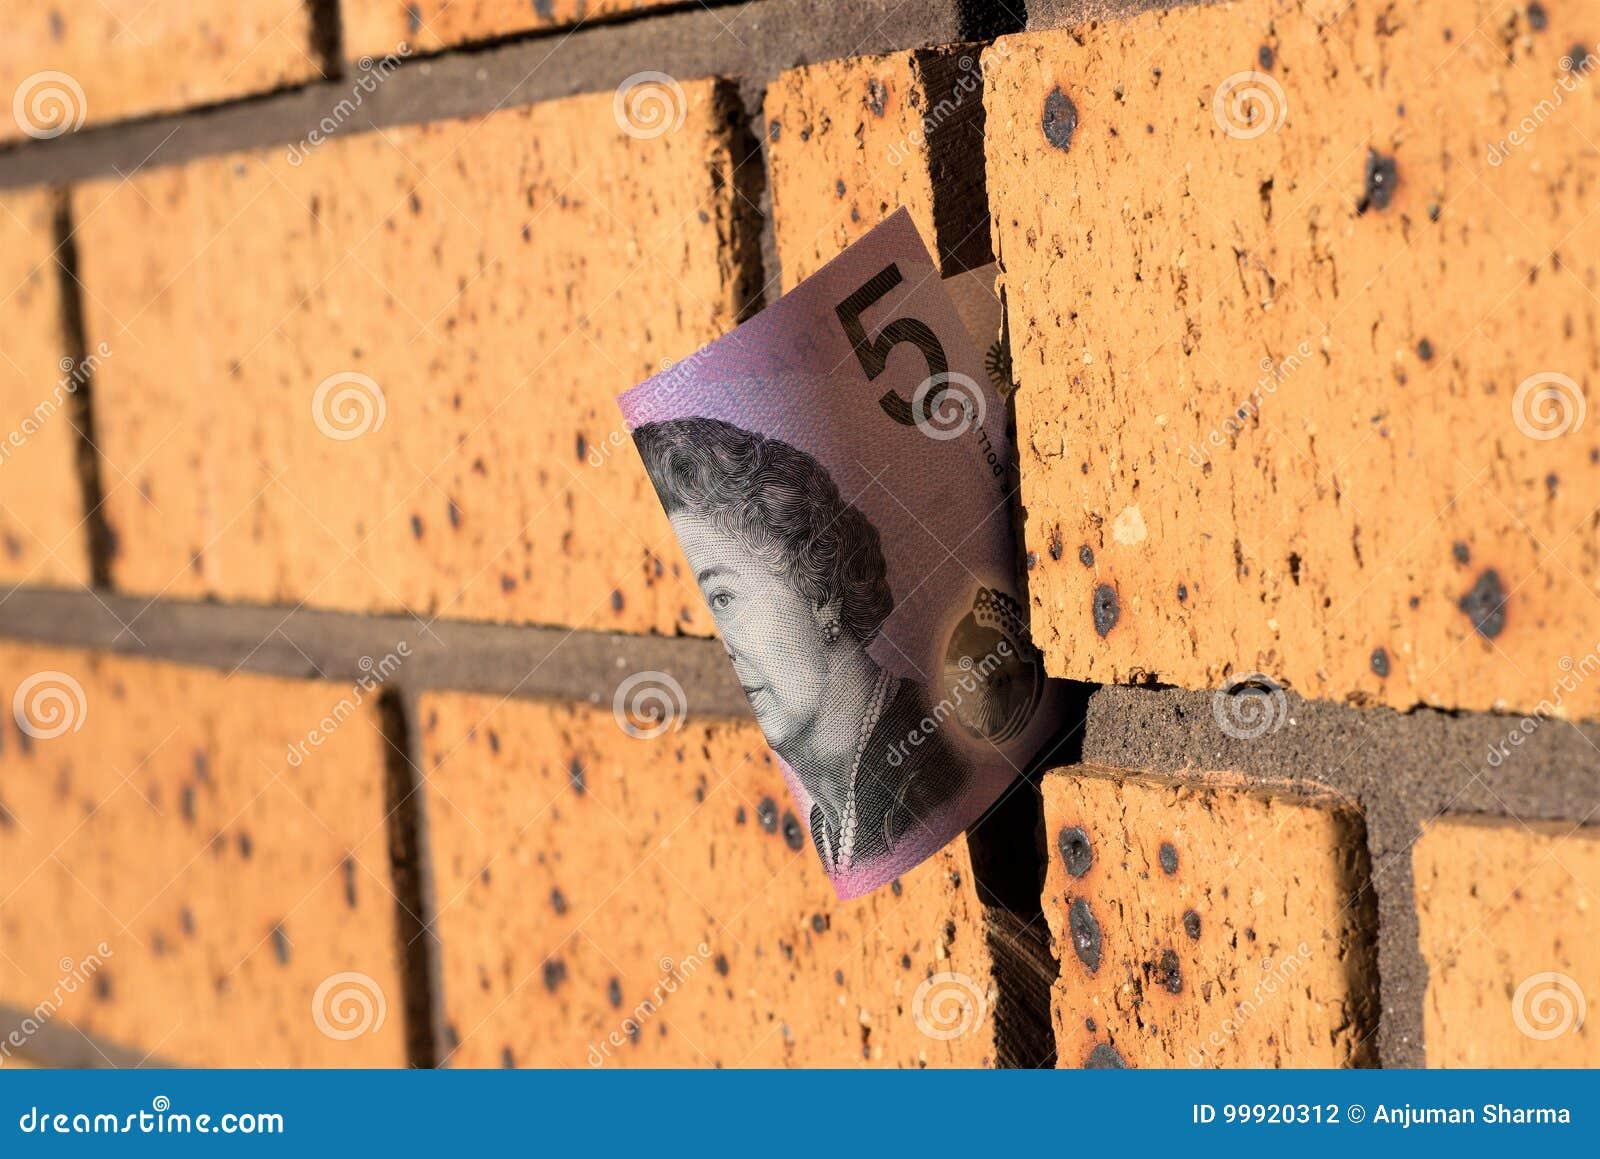 Australier fem dollar anmärkning på väggen